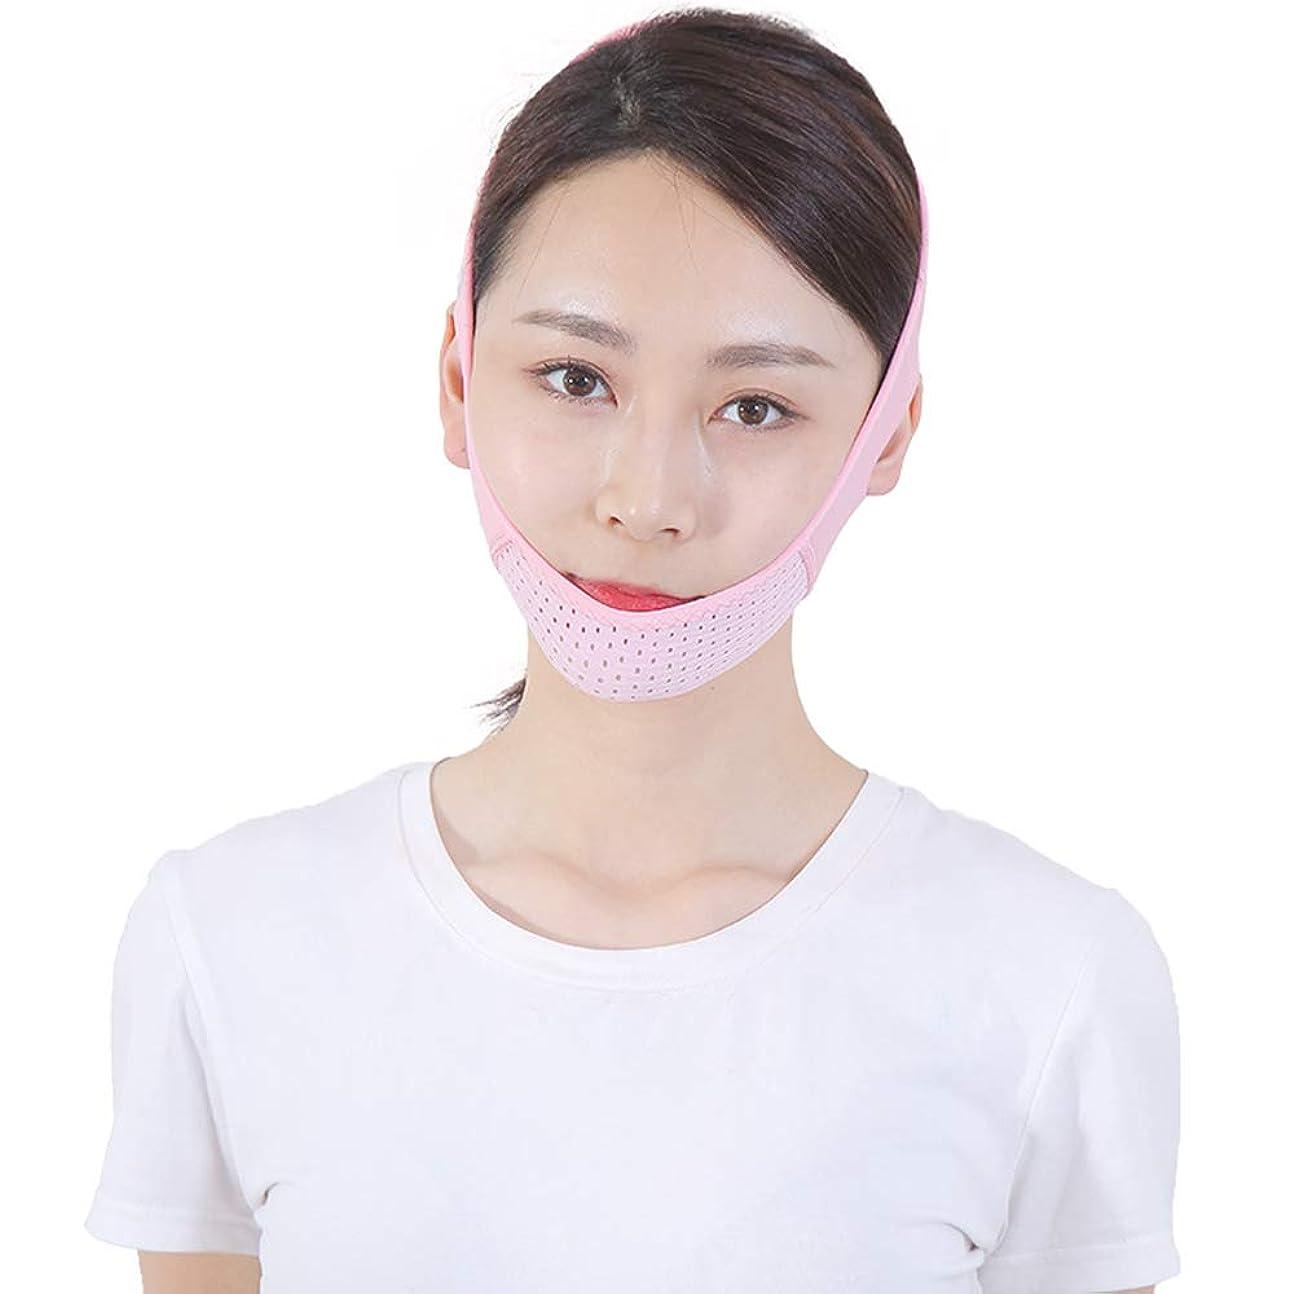 出費寝室を掃除するどちらか薄い顔のベルト - 薄い顔のベルト 顔の包帯ダブルチンの顔リフトの人工物Vのフェイスベルト薄い顔のマスク 美しさ